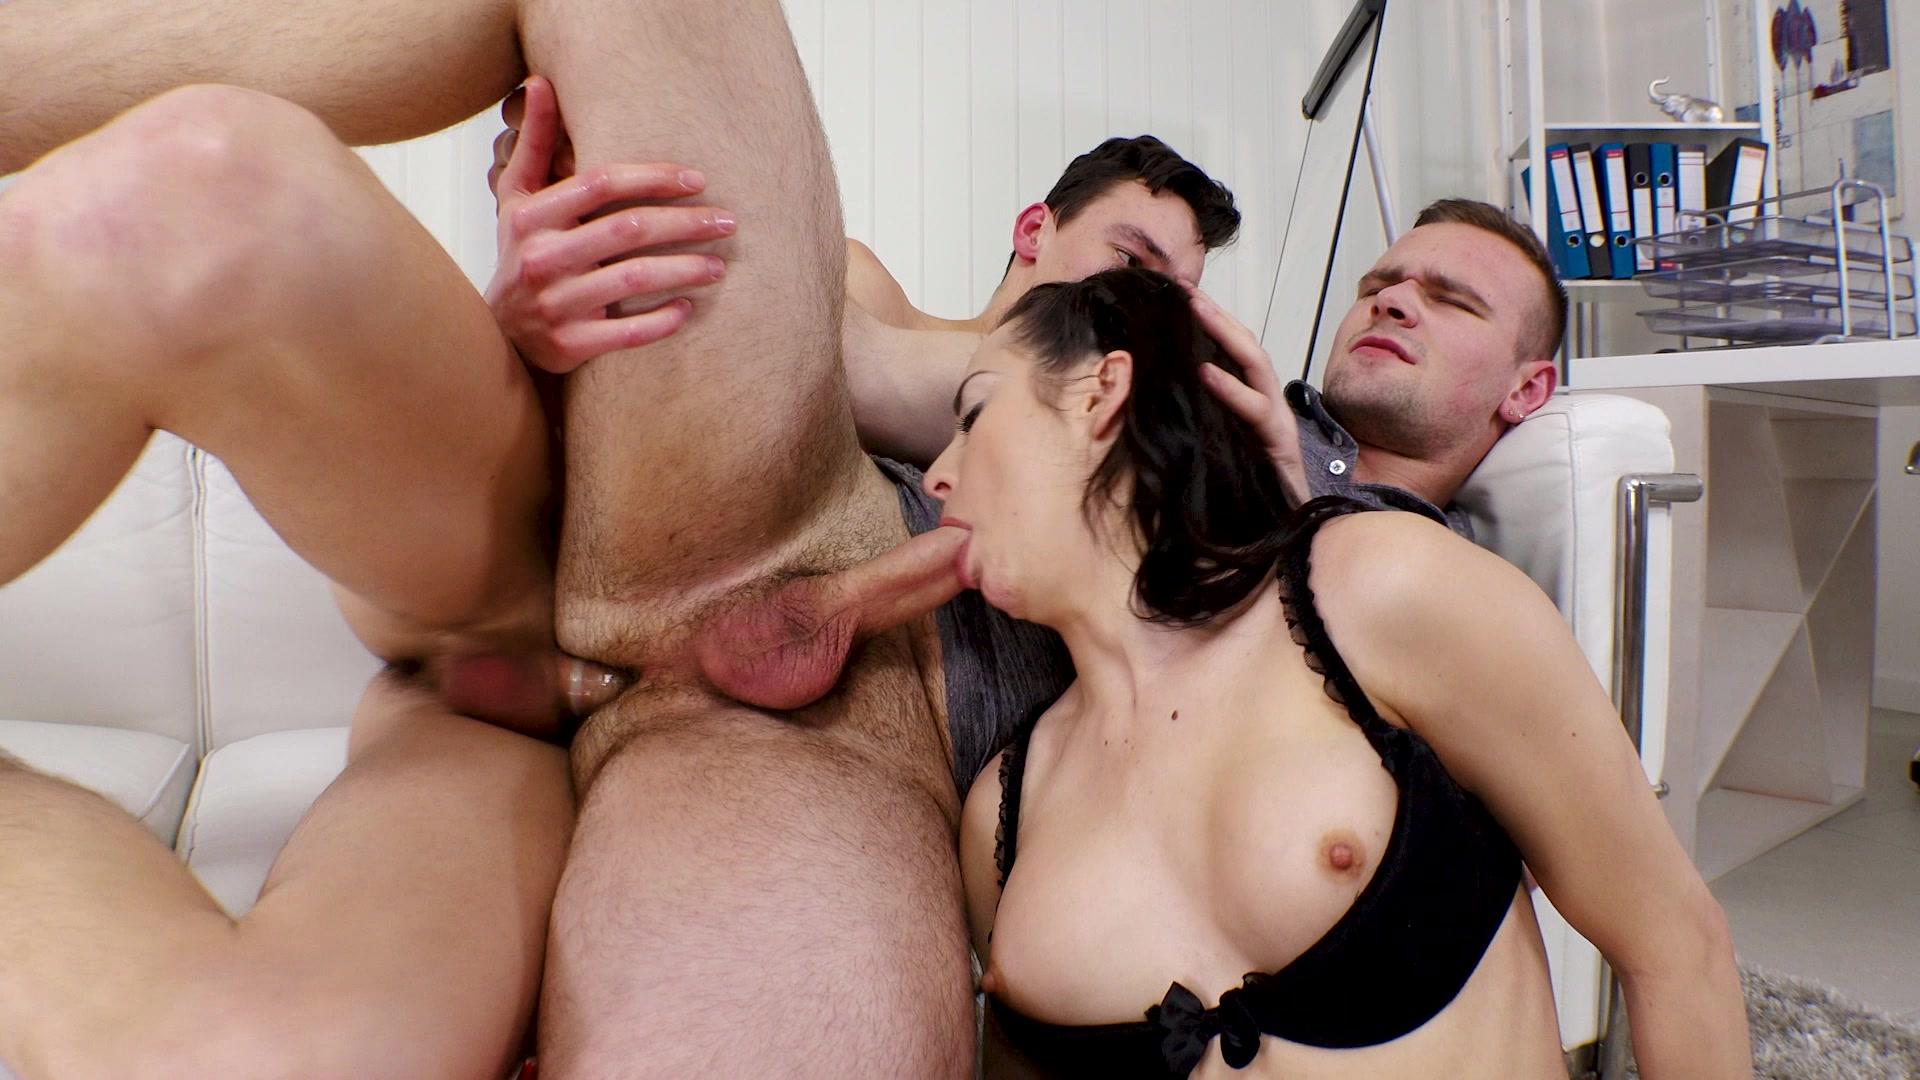 Татьяна 3 порно, Татьяна 3 - порно фильм с переводом 20 фотография